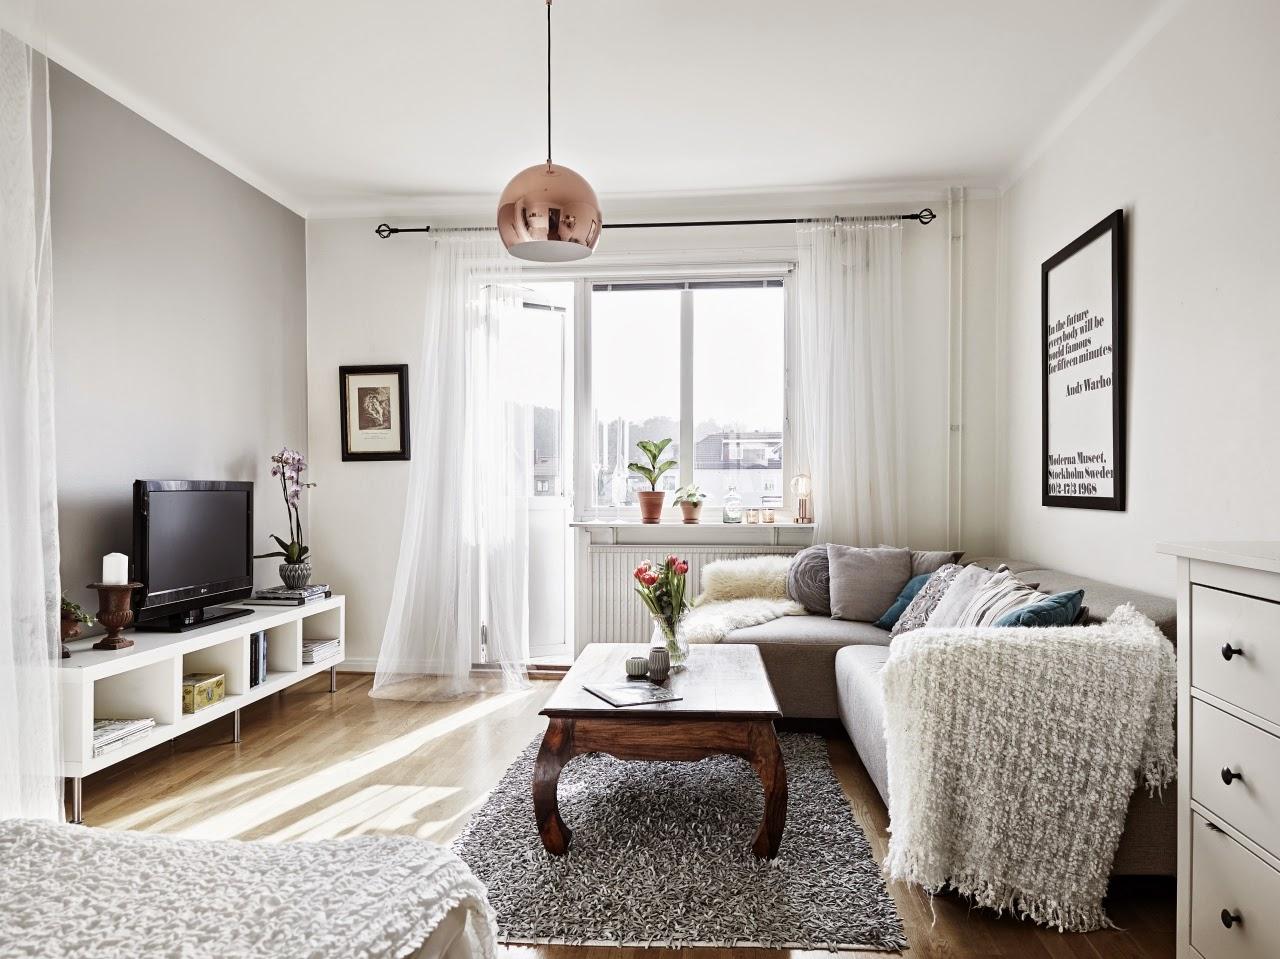 Inspiraci n deco blanco y gris en un apartamento de for Corredor deco blanco y gris